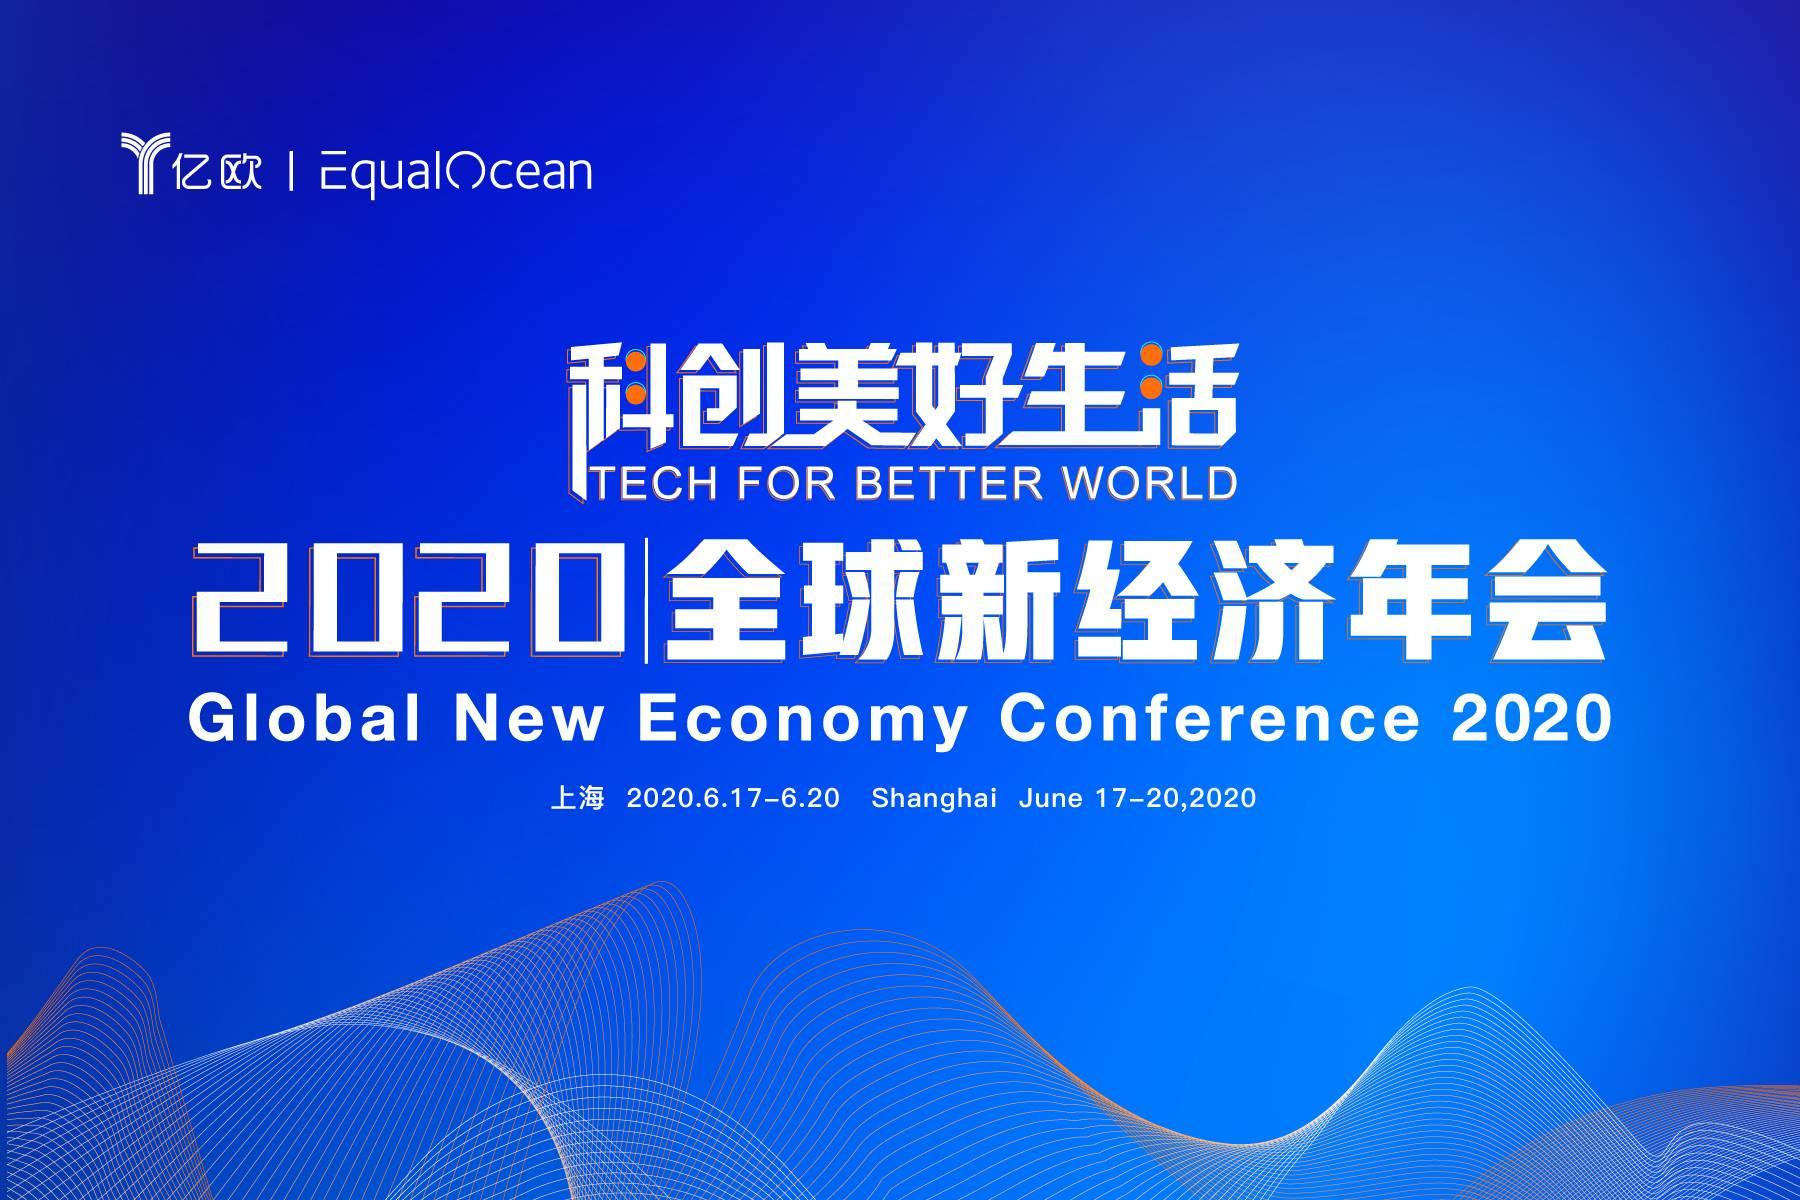 科创美好生活 - 2020全球新经济年会(官方报名通道)